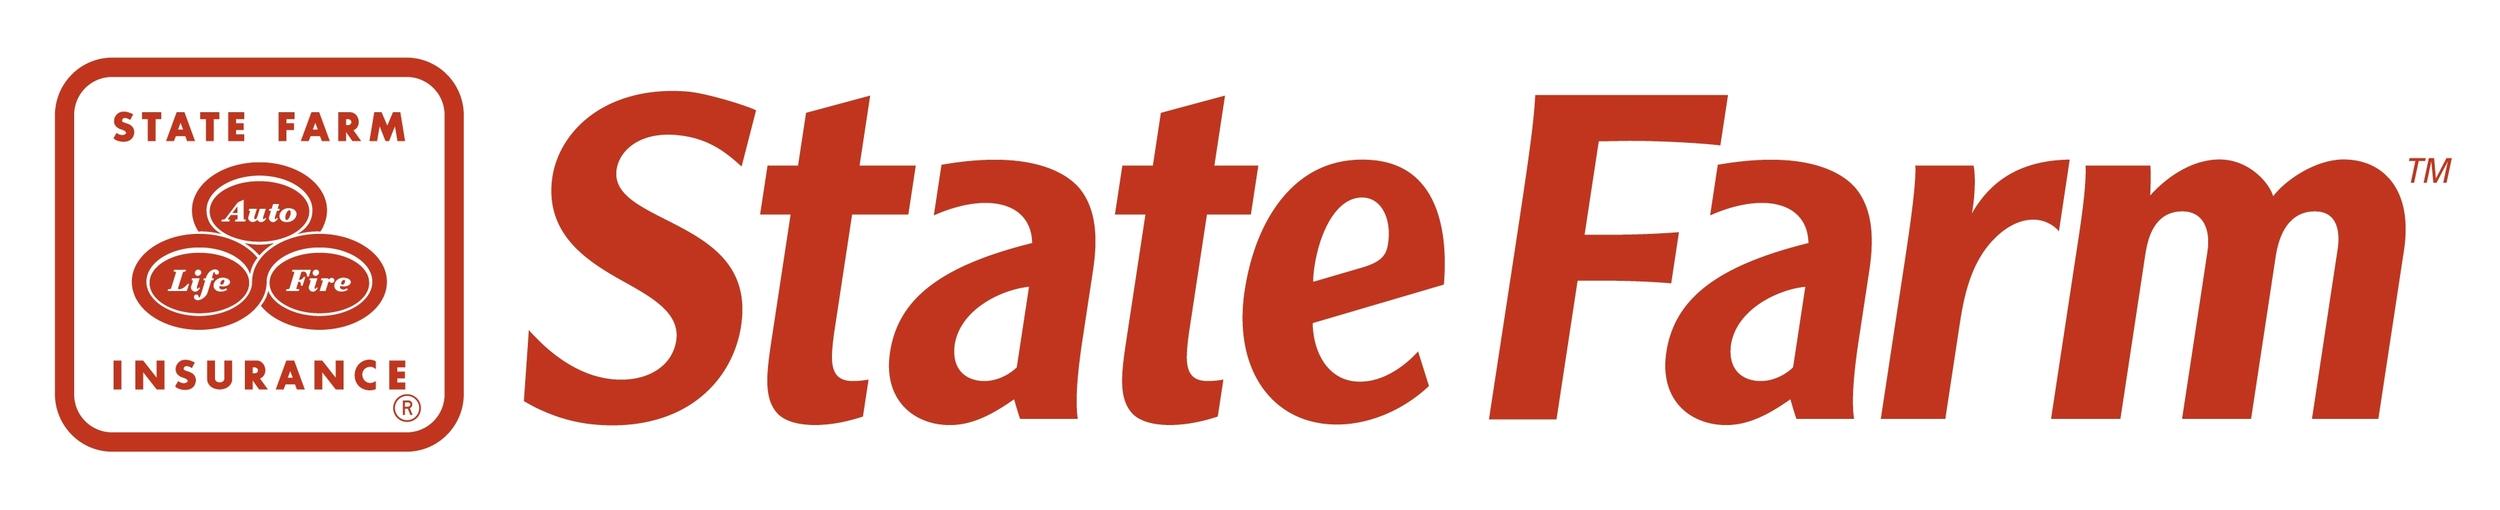 07_StateFarm-logo.jpeg